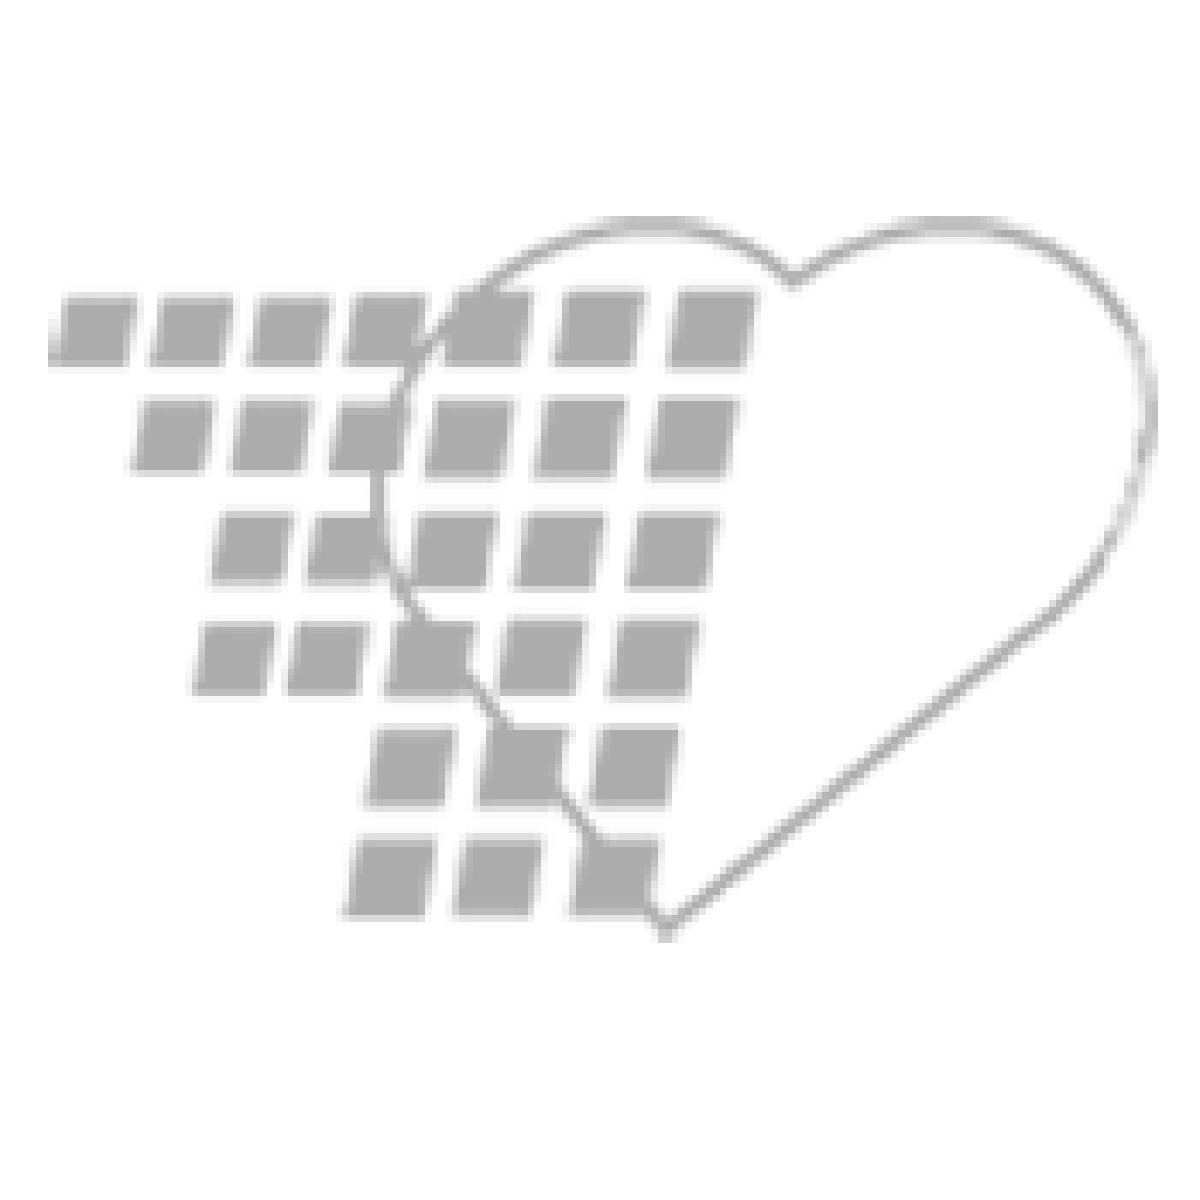 10-81-6108 Female Catheter Model